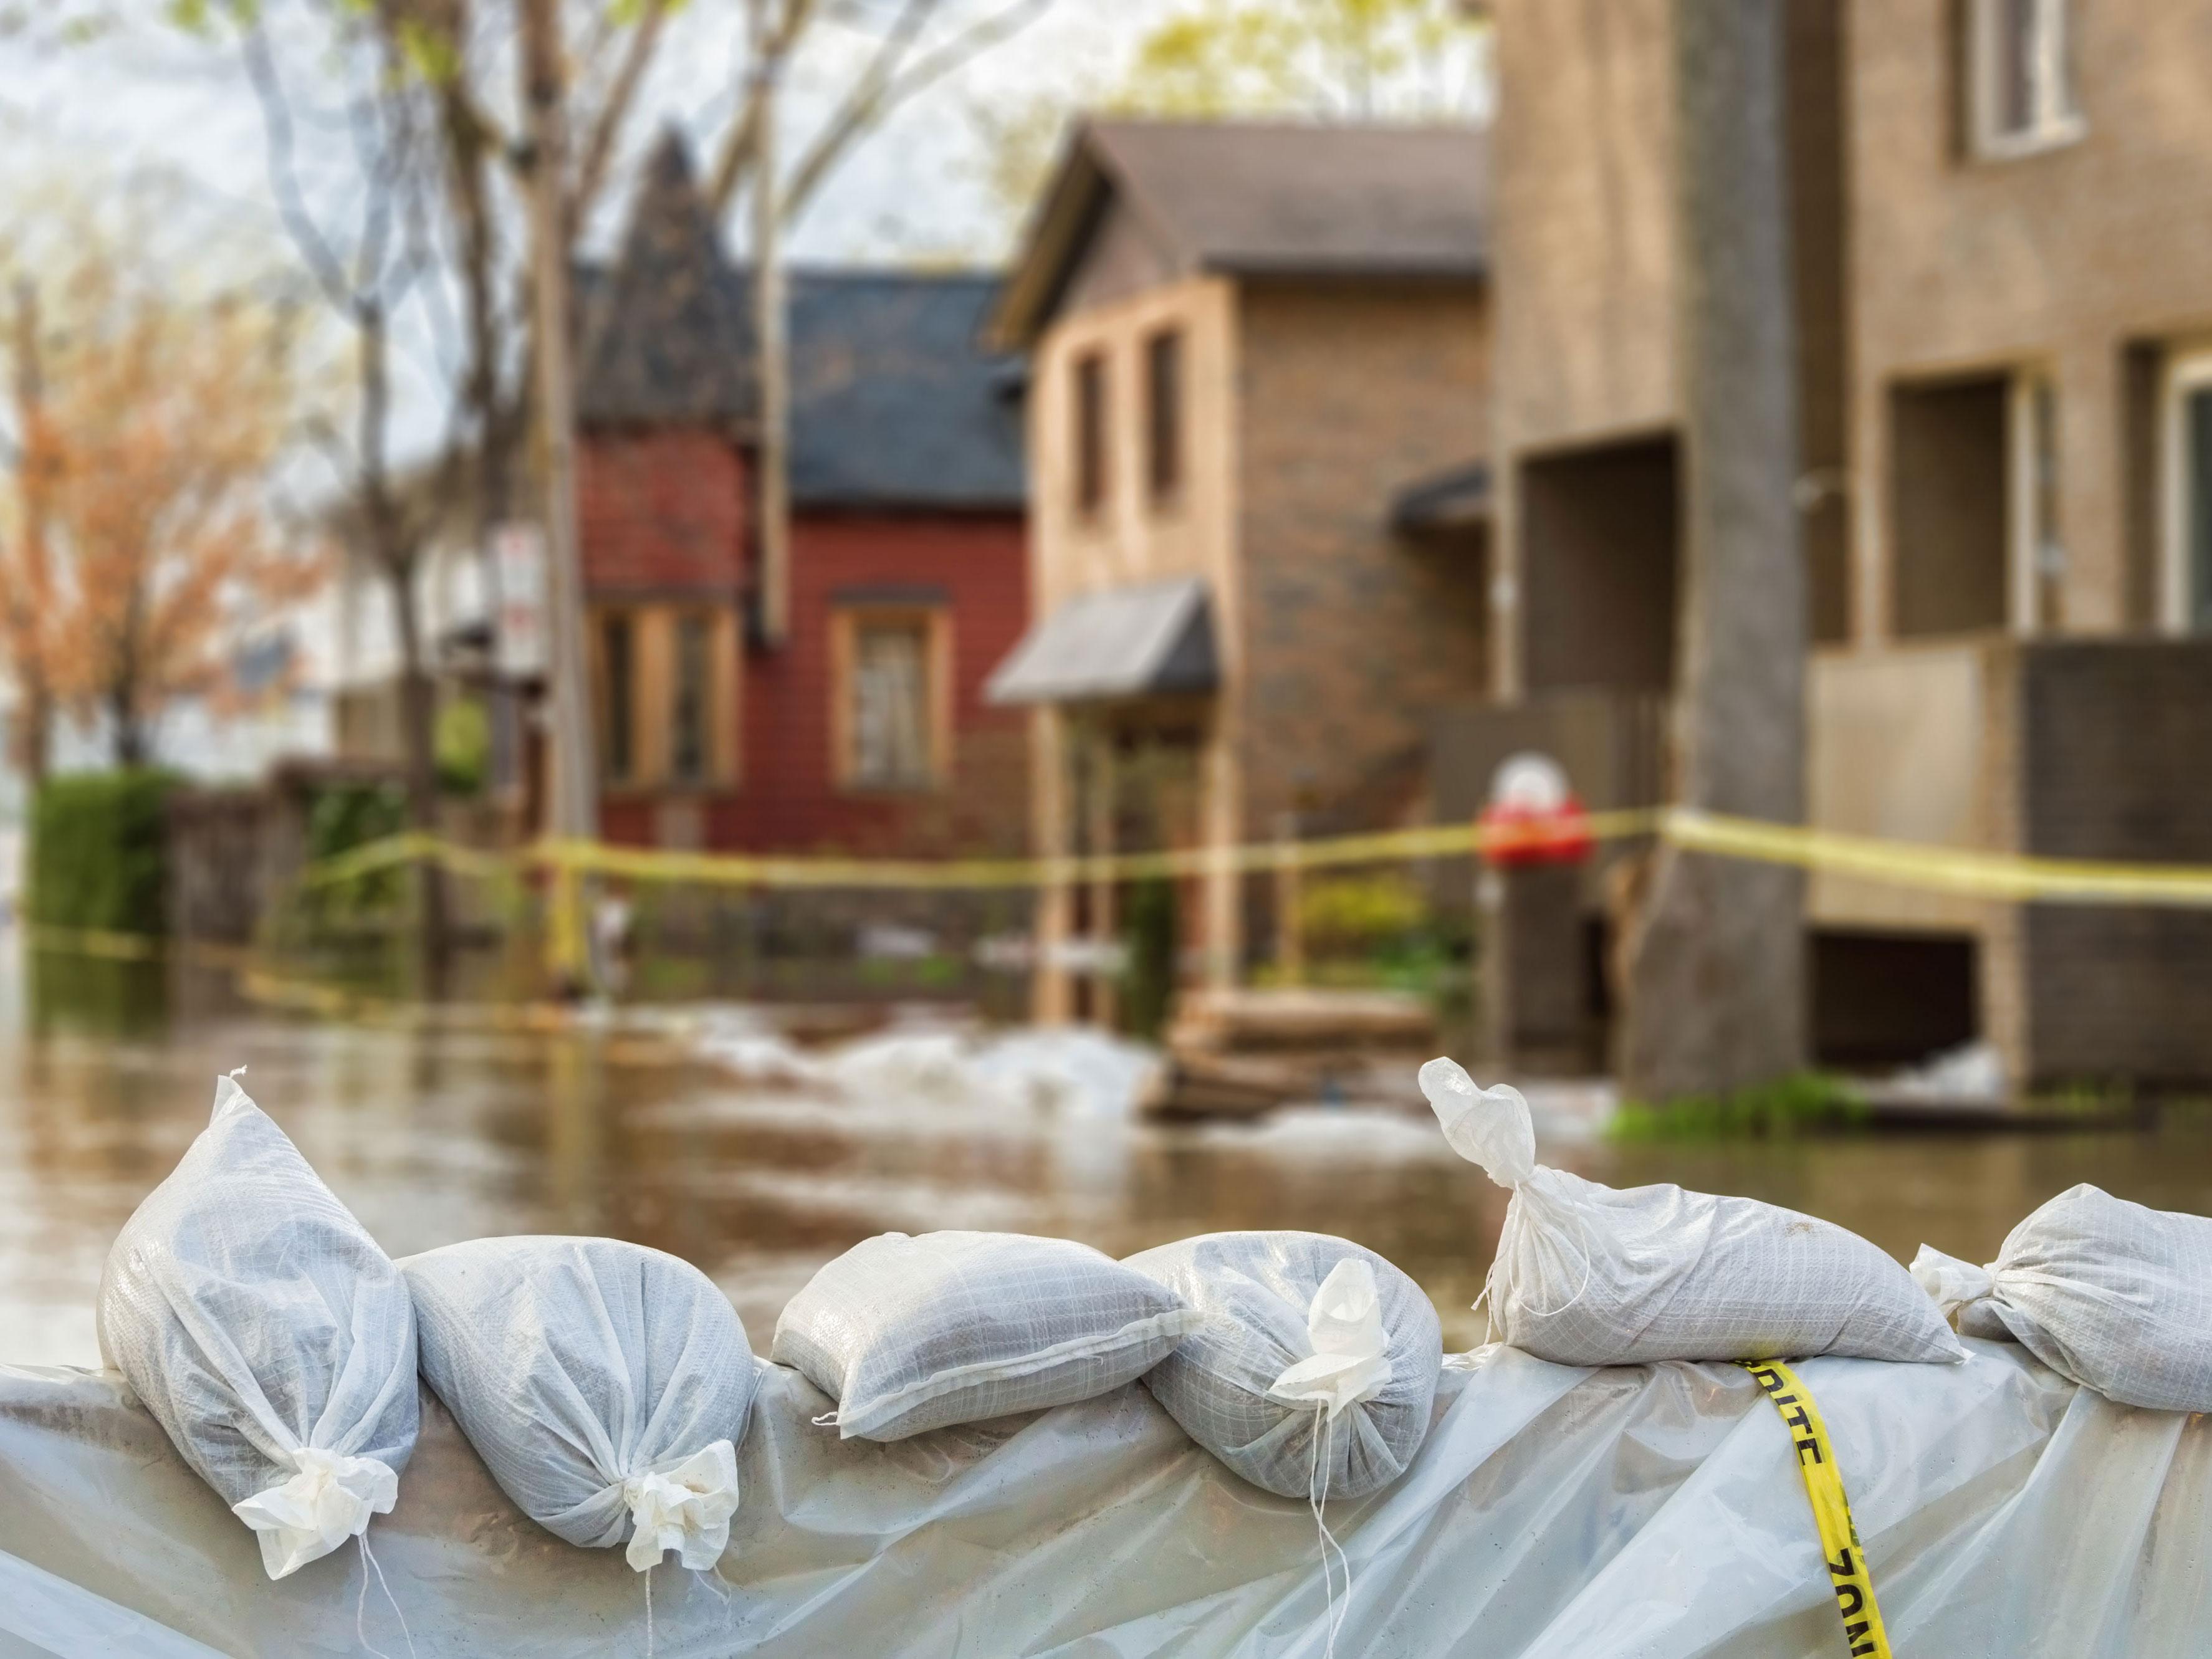 Sandbags To Prevent Flooding